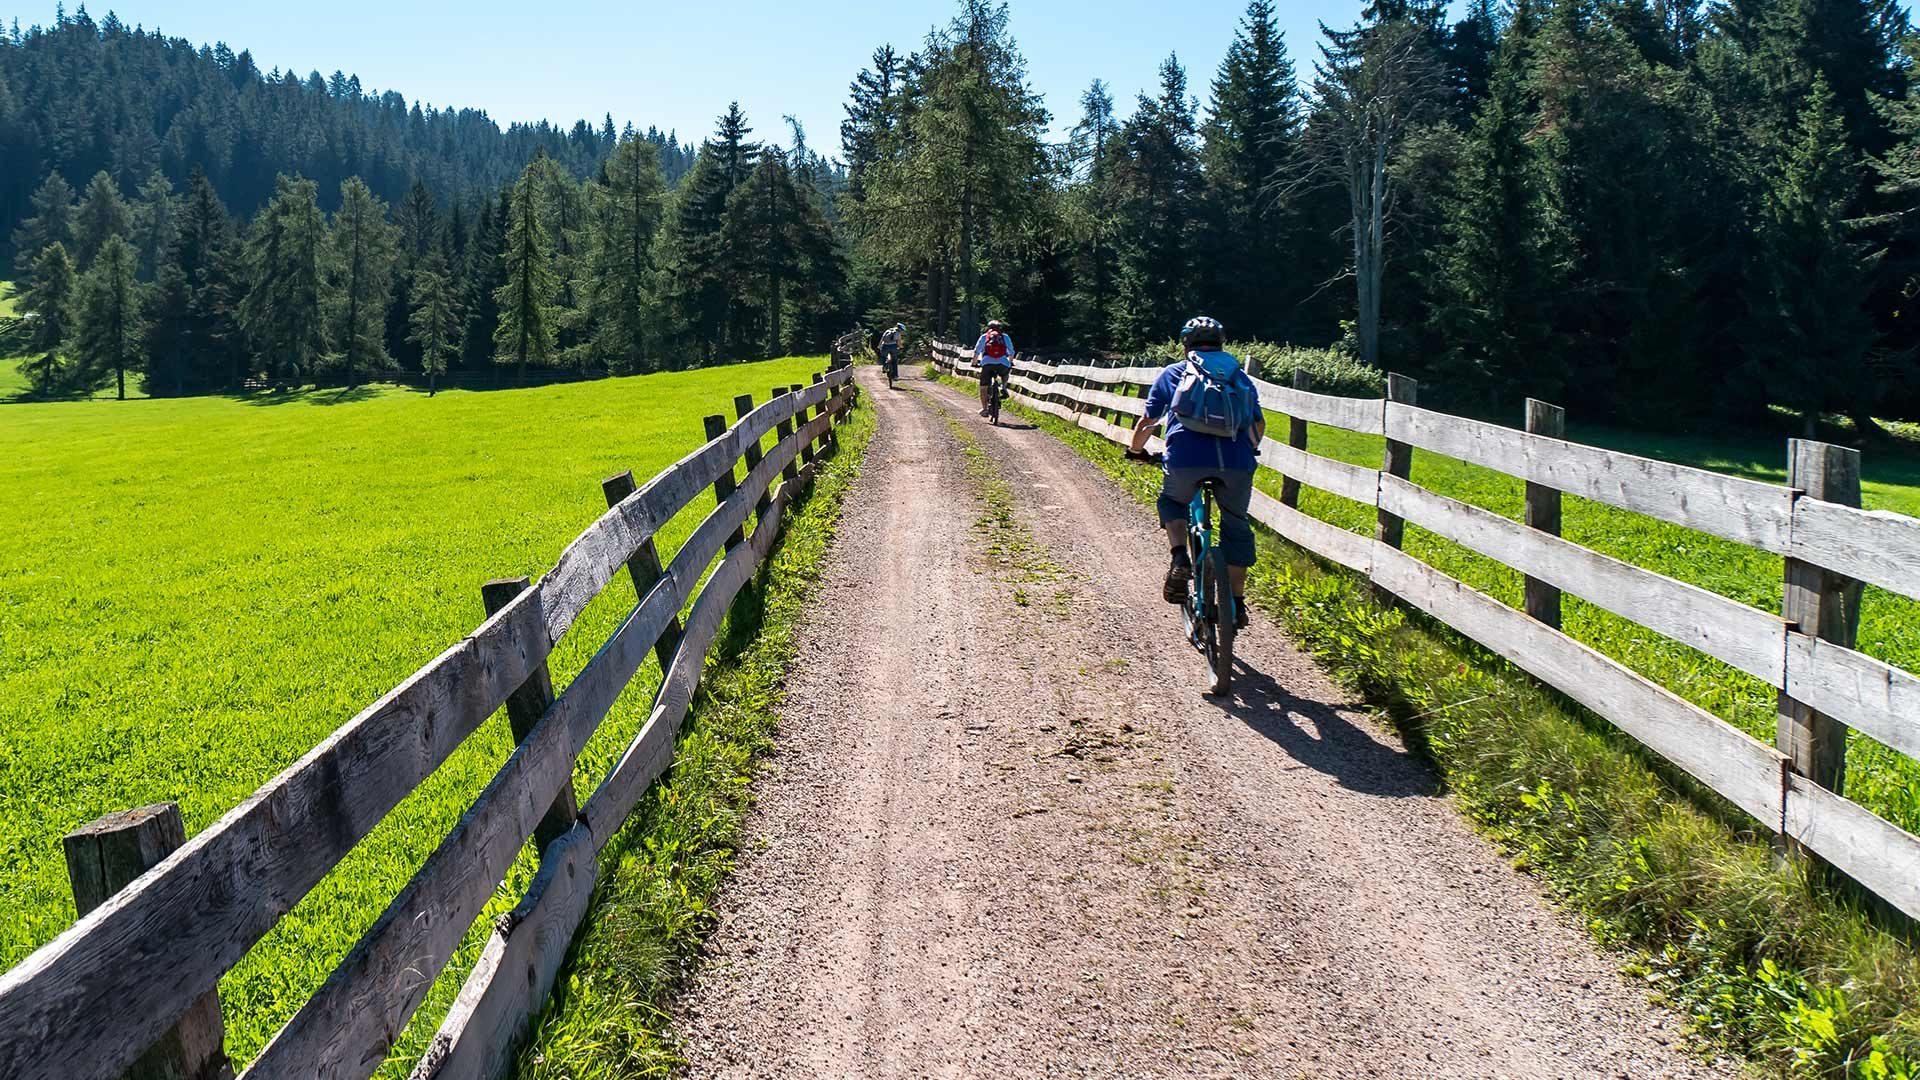 Radtour zur Naturnser Alm